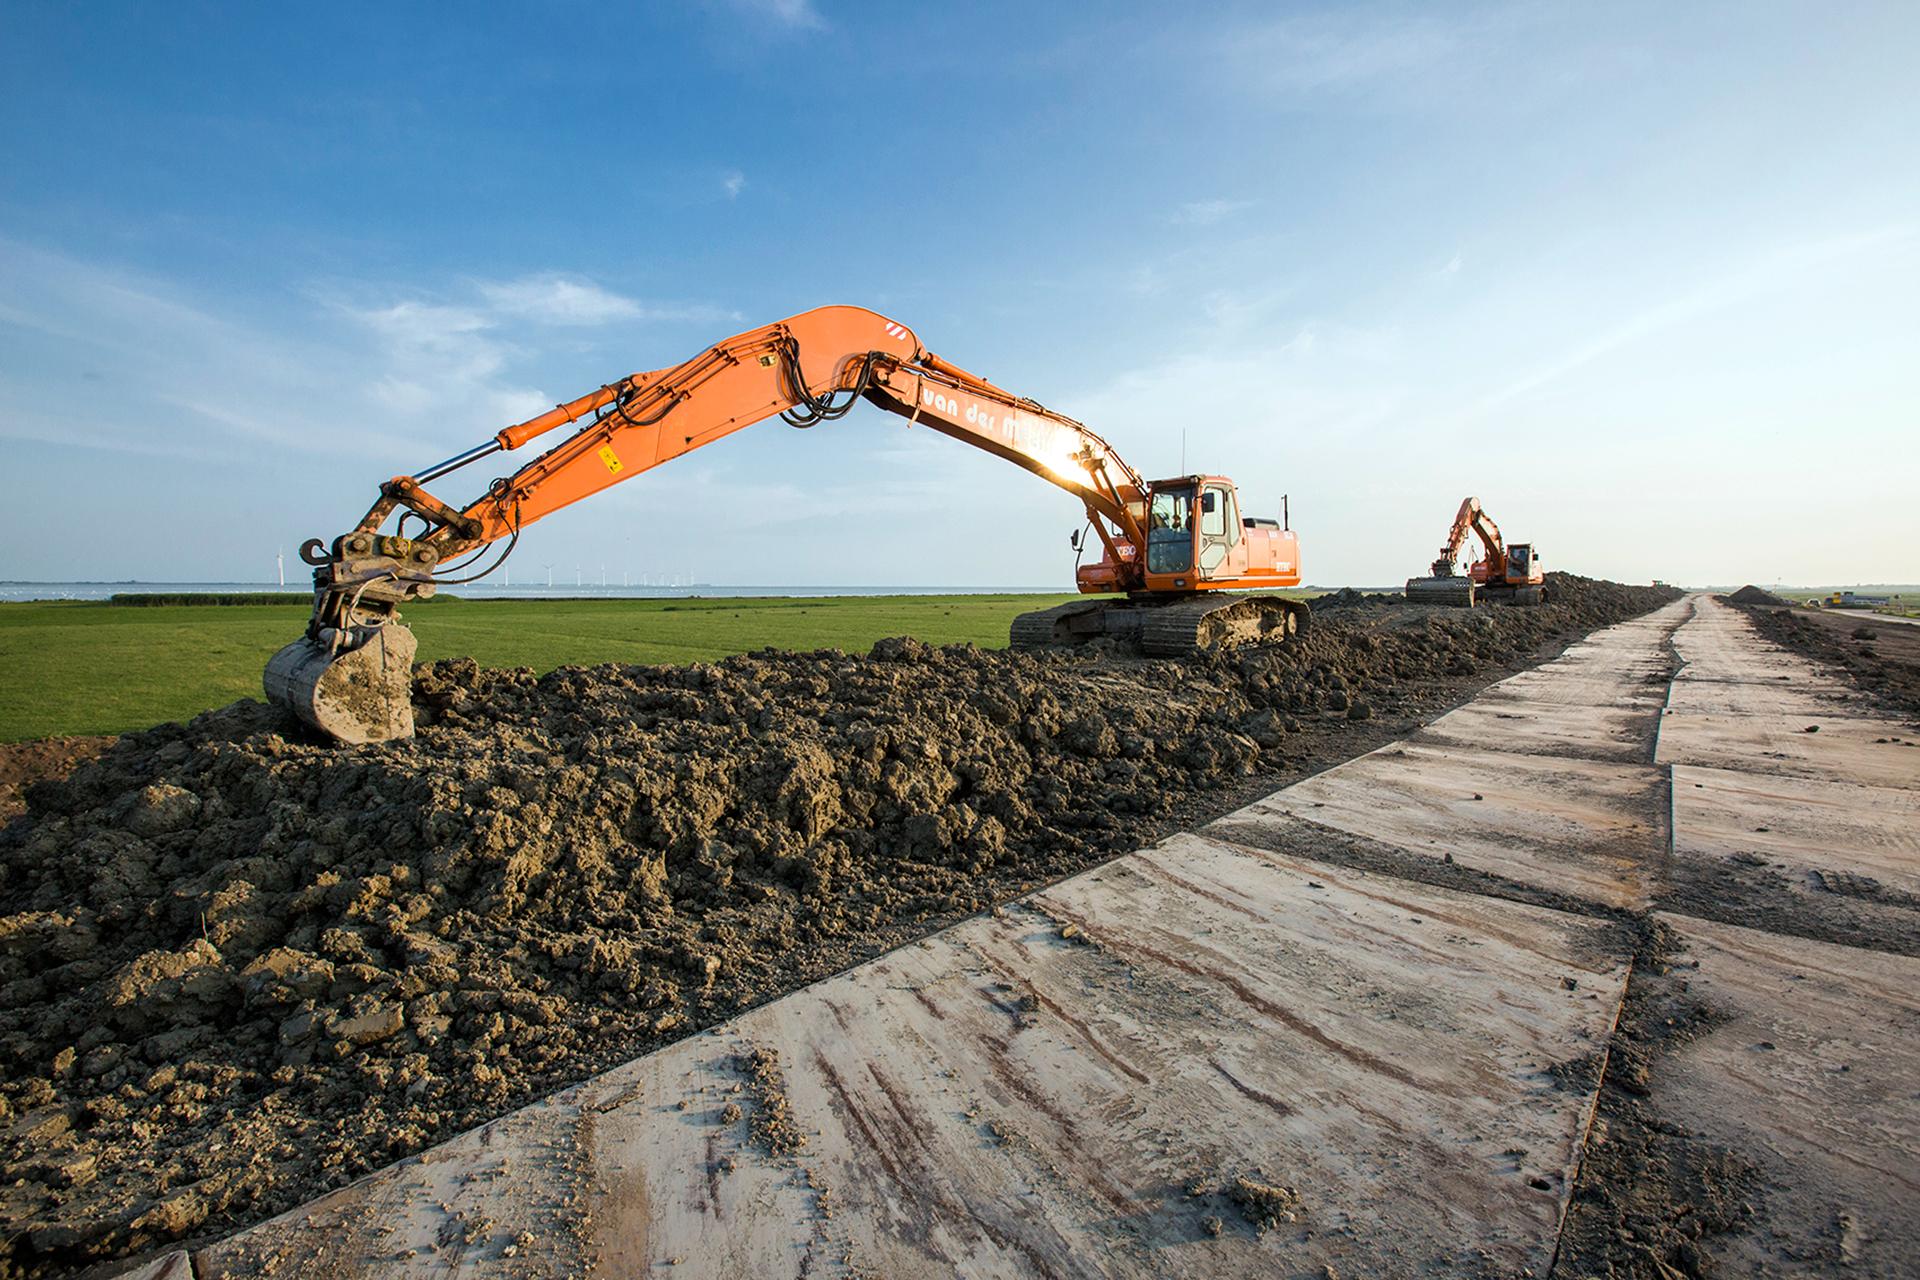 Dijkversterking in Friesland - graafmachine op de dijk